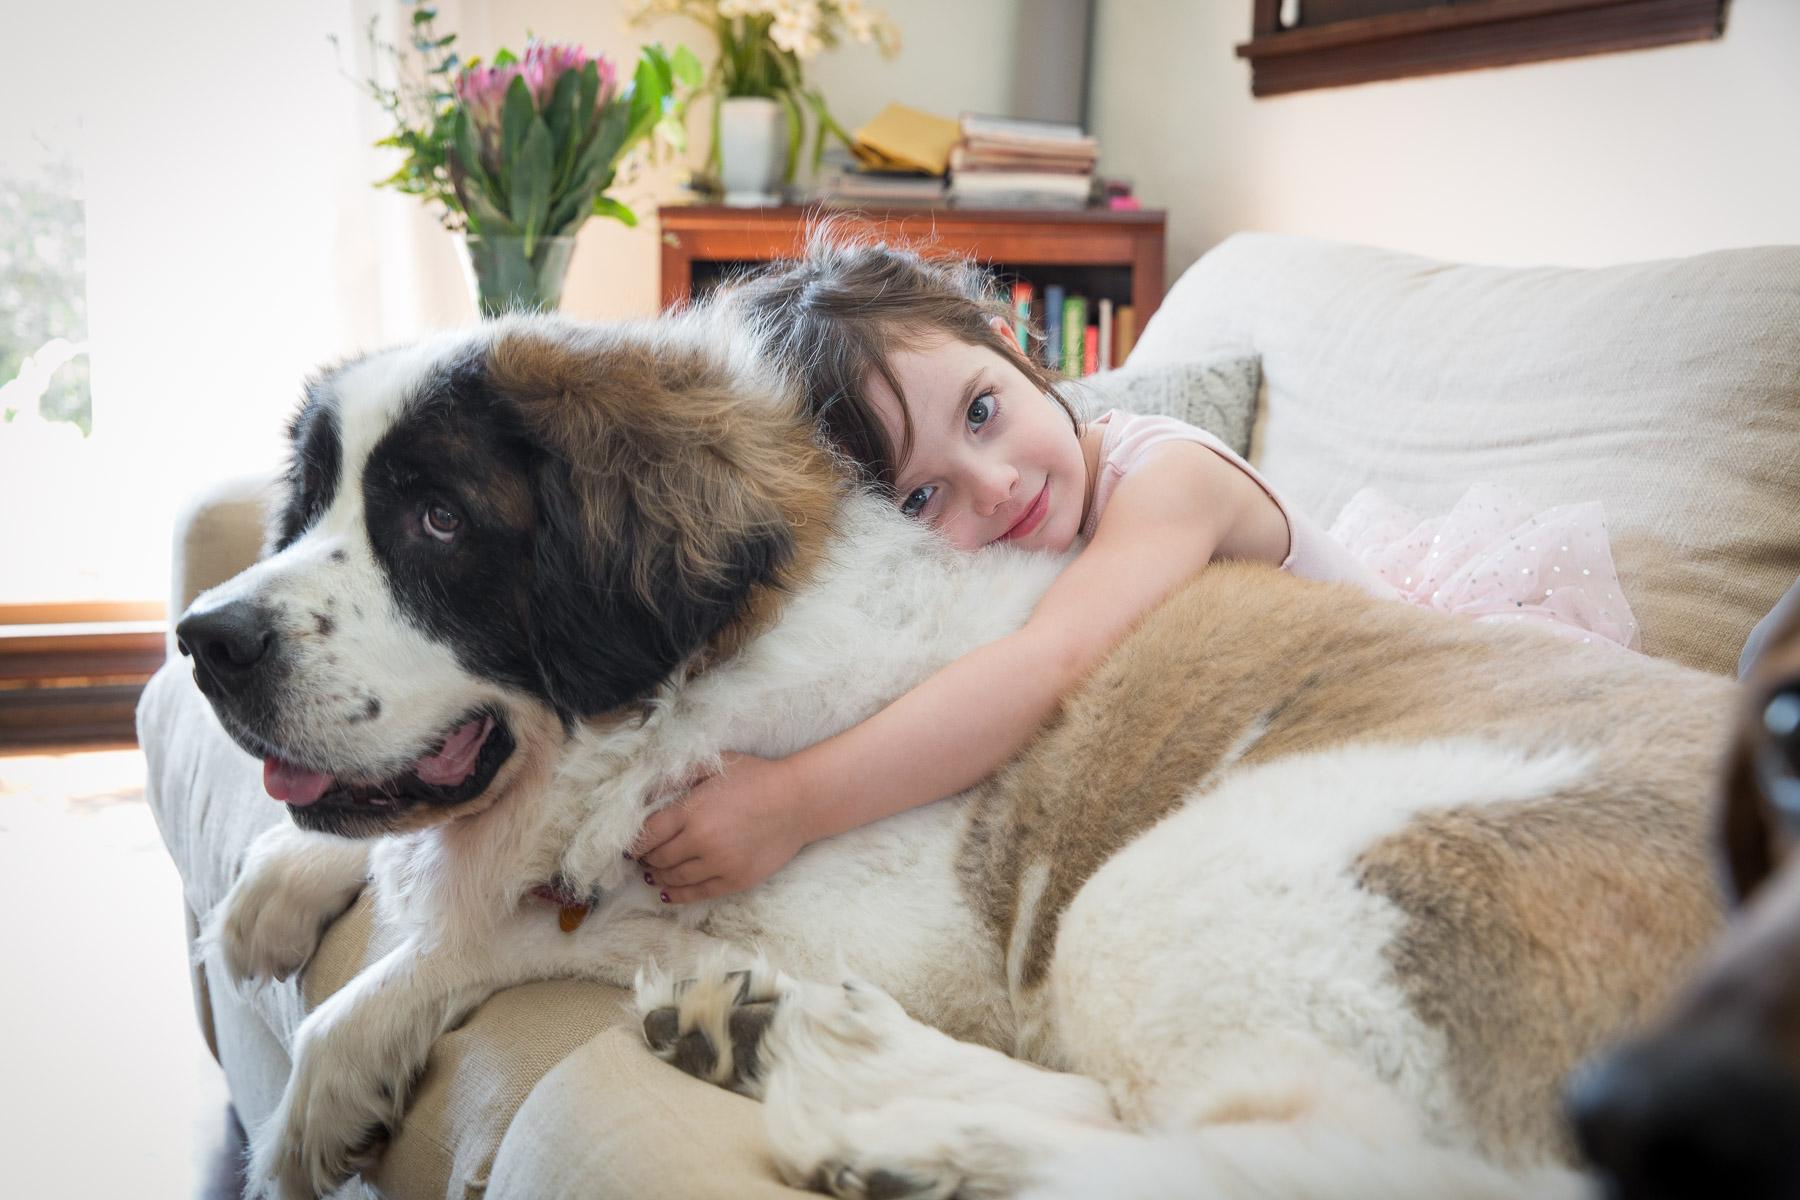 little-girl-hugging-her-dog-saint-bernese.jpg